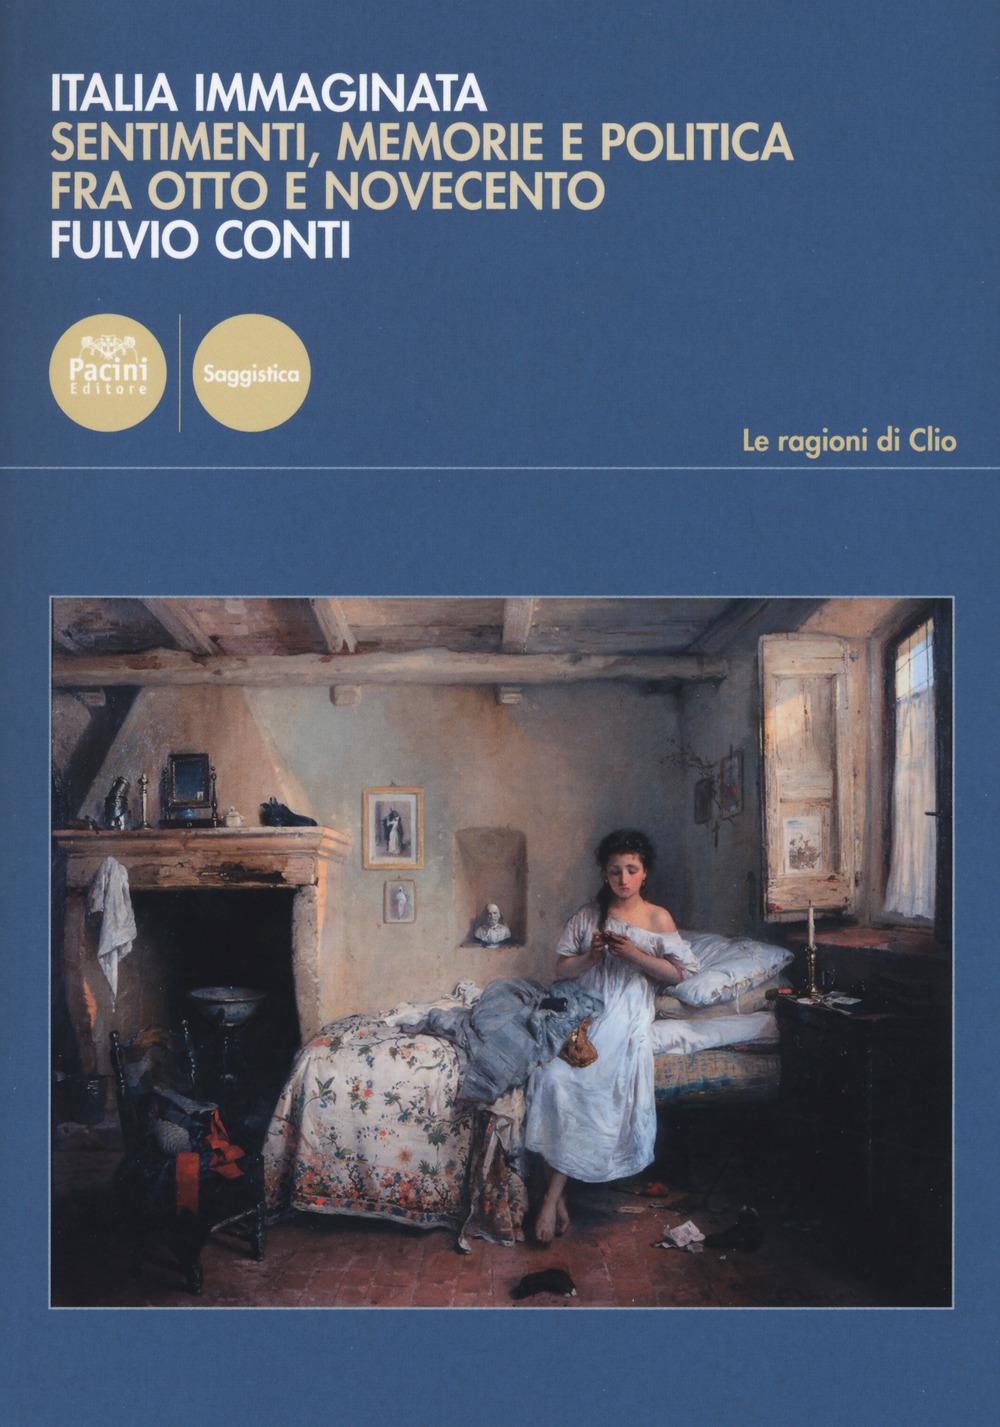 Fulvio CONTI, Italia immaginata. Sentimenti, memorie e politica fra Otto e Novecento, Pisa, Pacini Editore, 2017